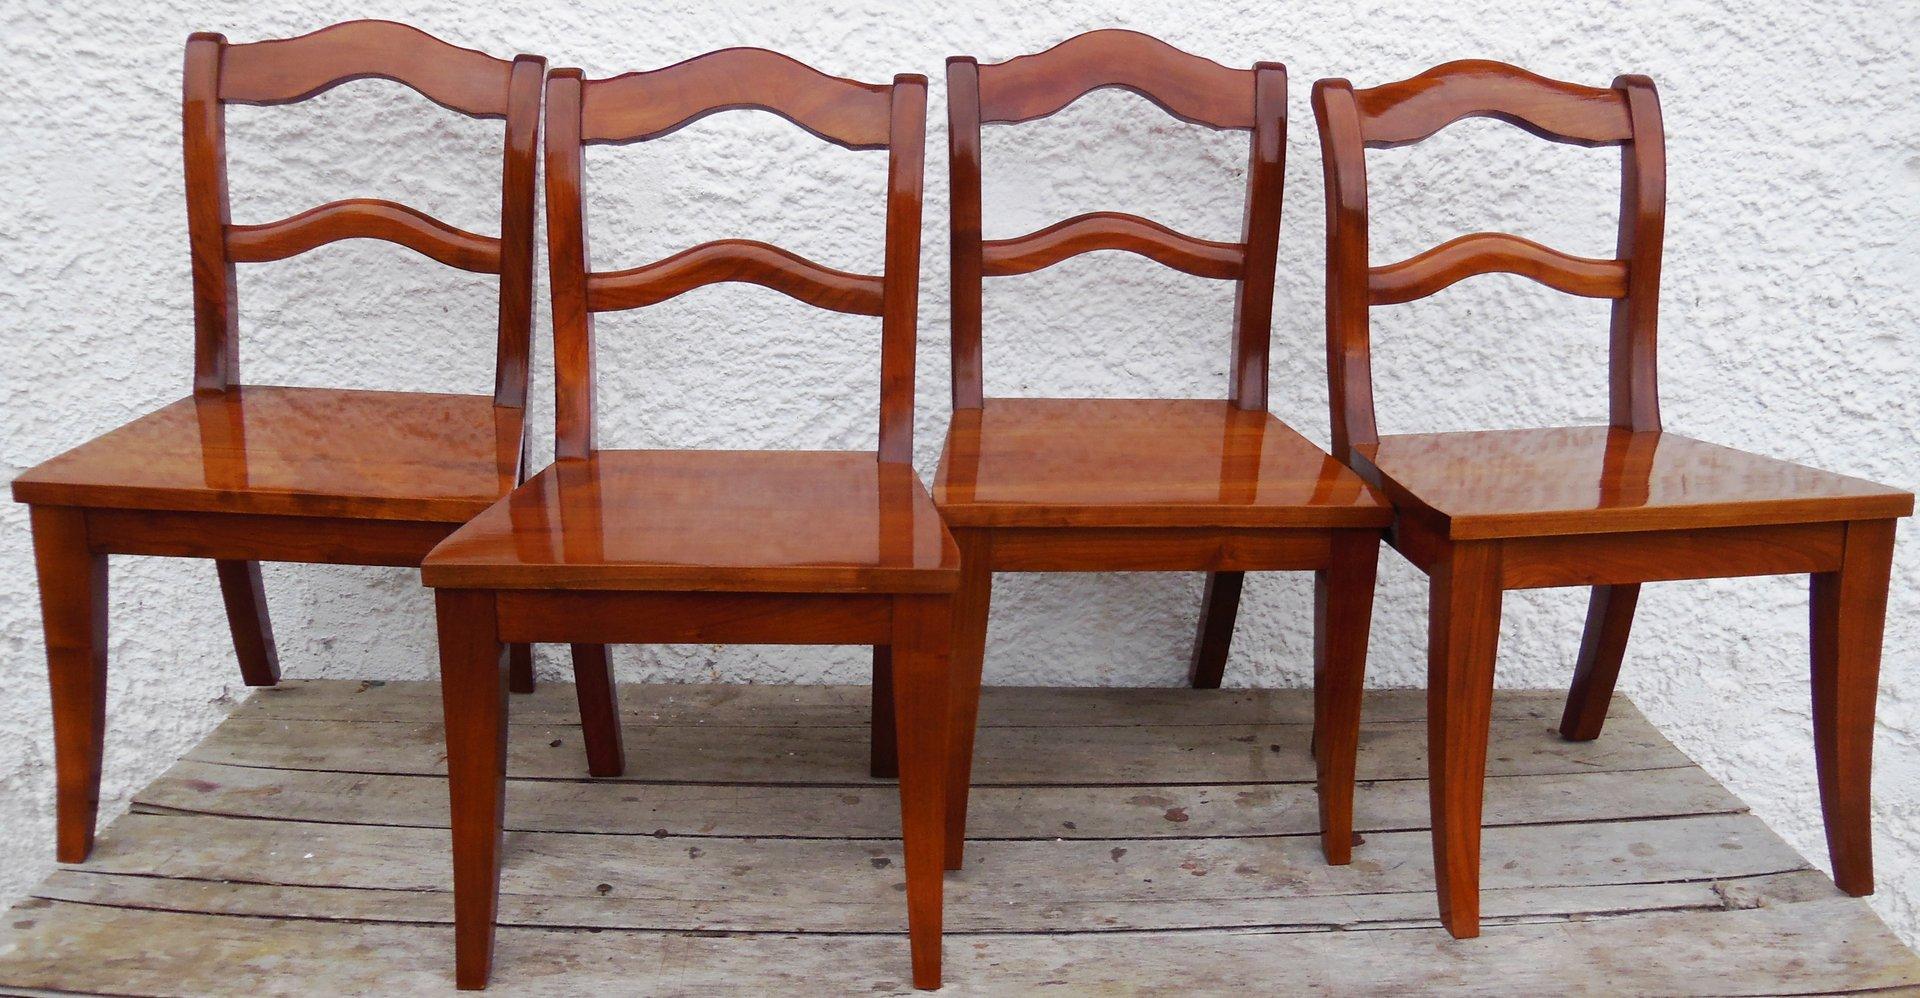 satz kinderst hle massiv kirsche biedermeier stil kirsch st hle antik m bel antiquit ten. Black Bedroom Furniture Sets. Home Design Ideas